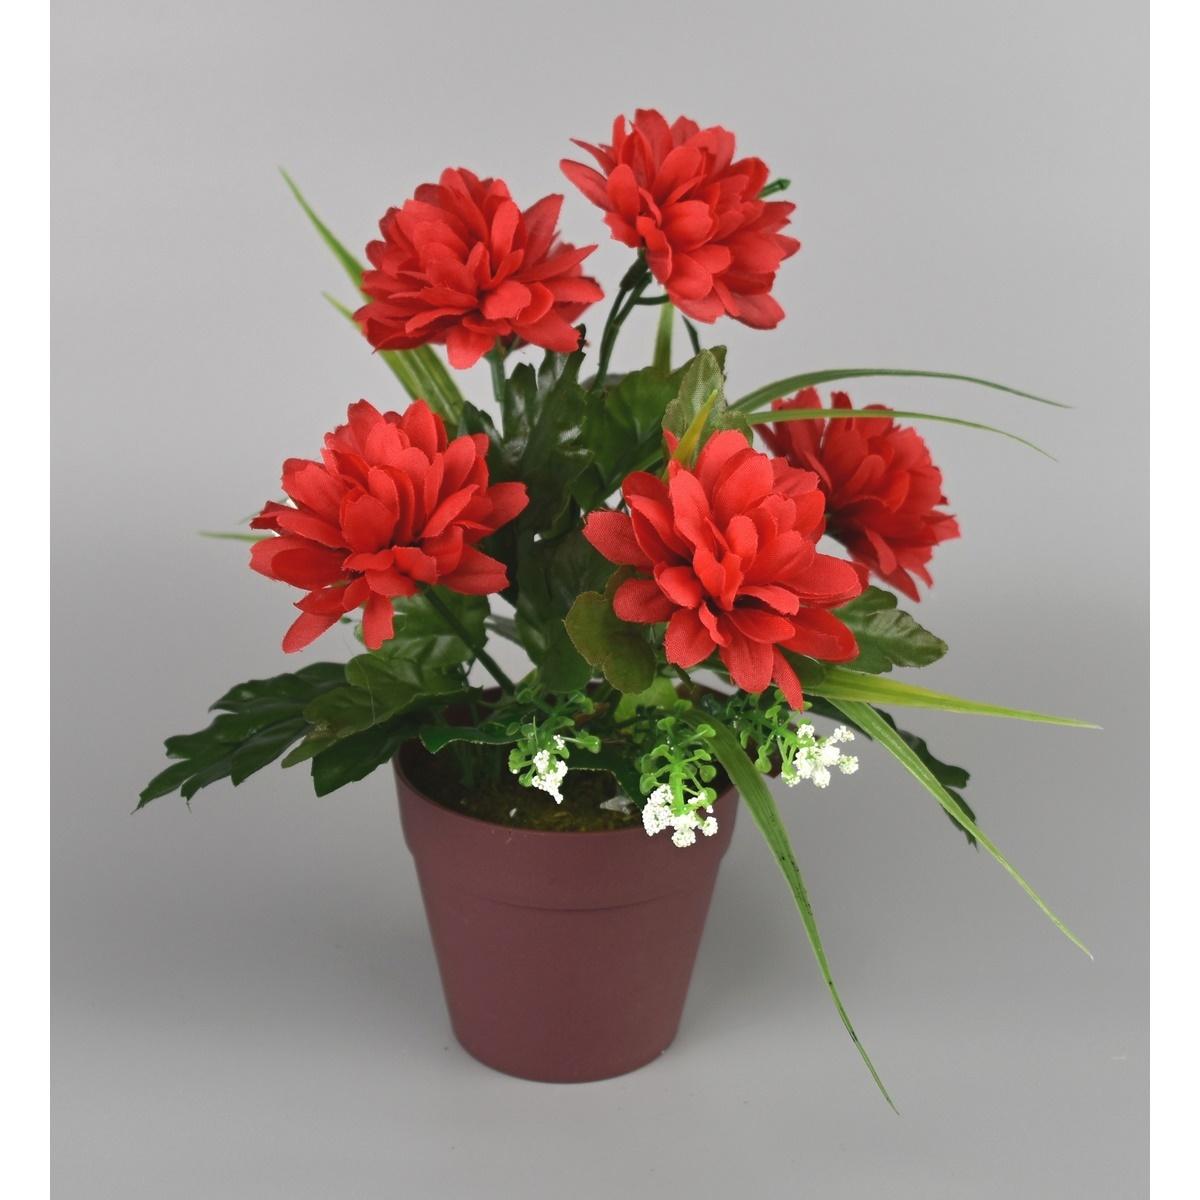 Umělá květina Chrysantéma v květináči 22 x 15 cm, červená